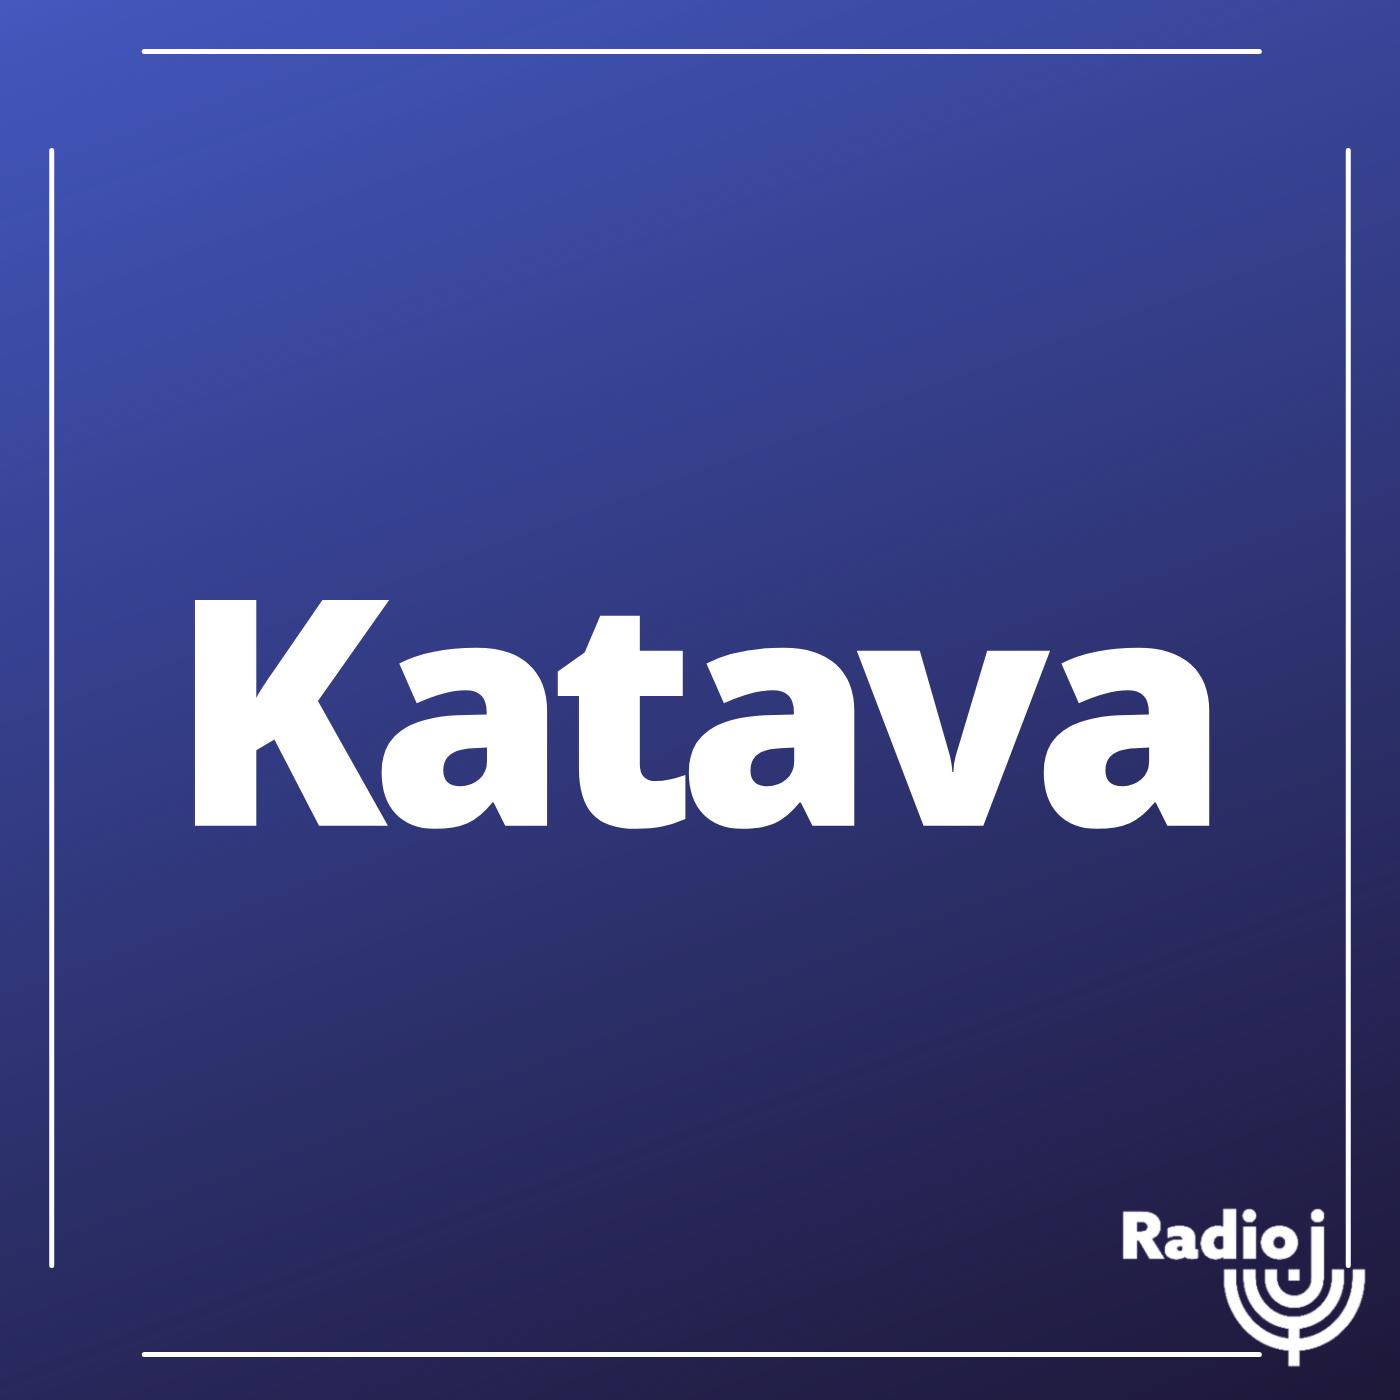 Katava